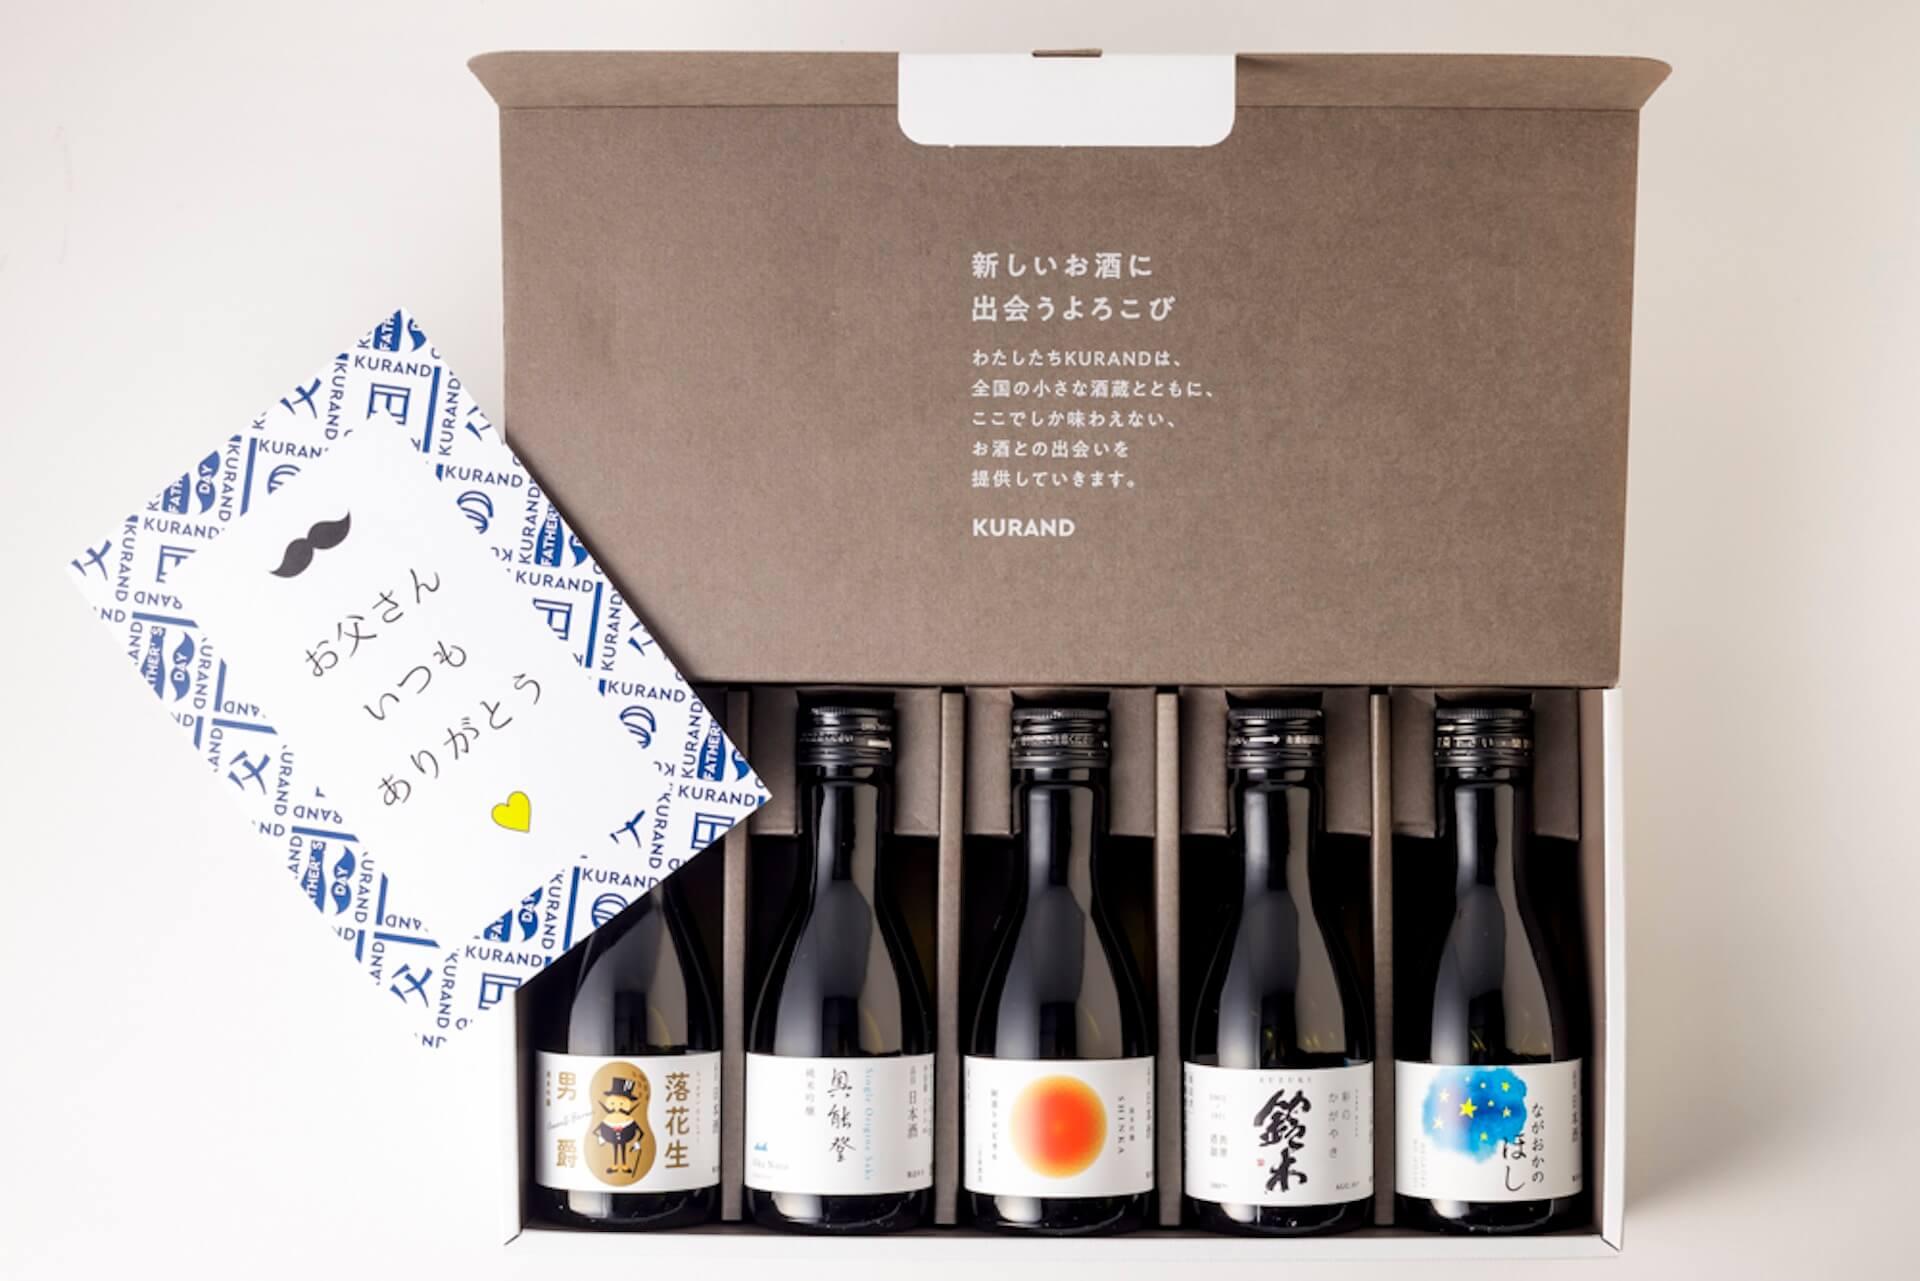 お好みのお酒を選べる「父の日酒ギフト」が登場!ビール・日本酒の飲み比べやプロが選ぶおつまみセットも gourmet_fathersdaygift_3